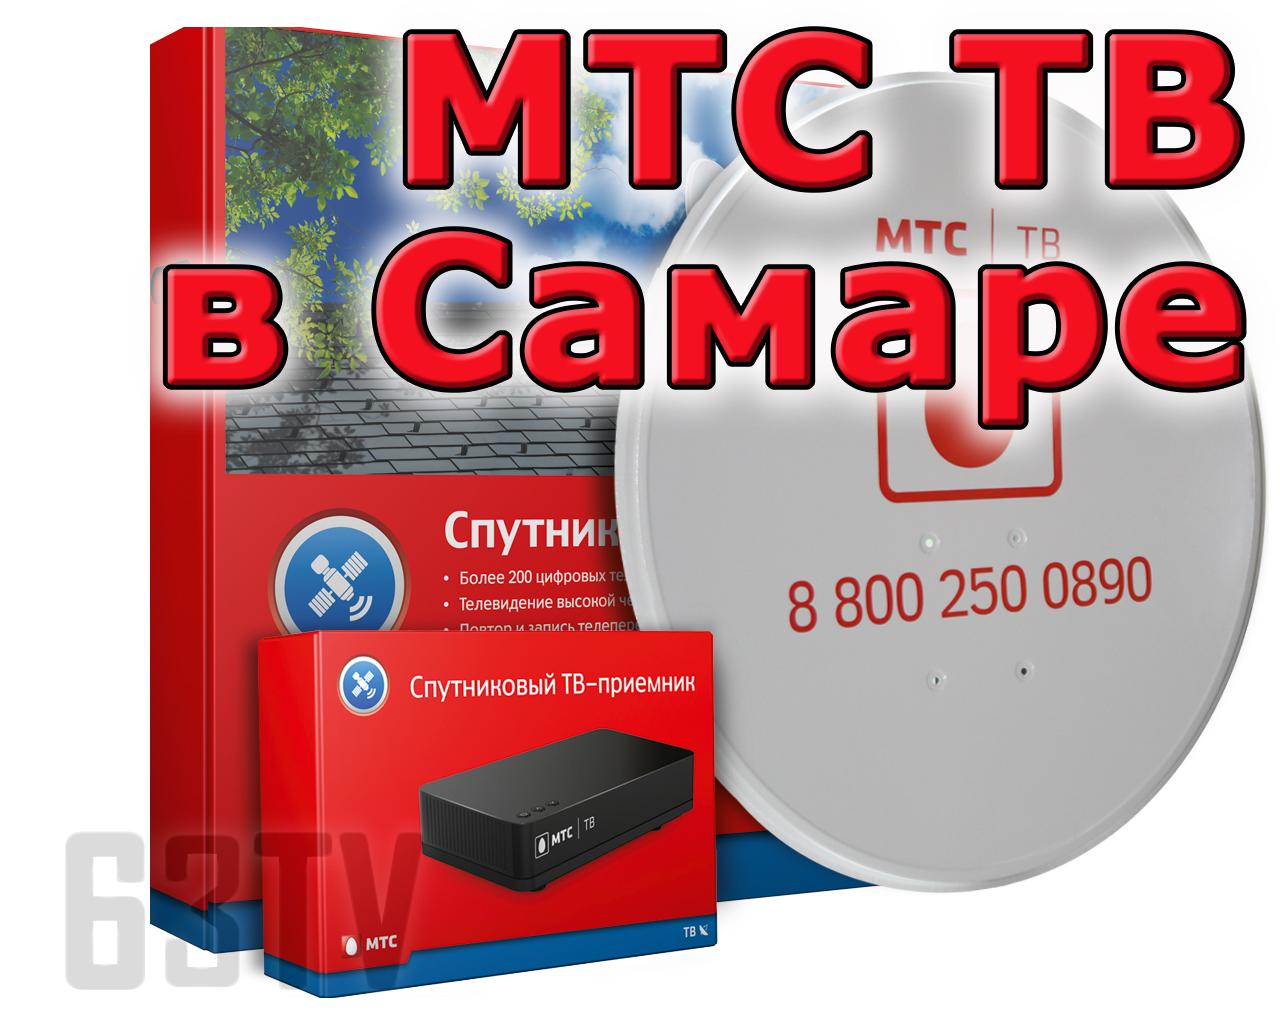 МТС ТВ В Самаре